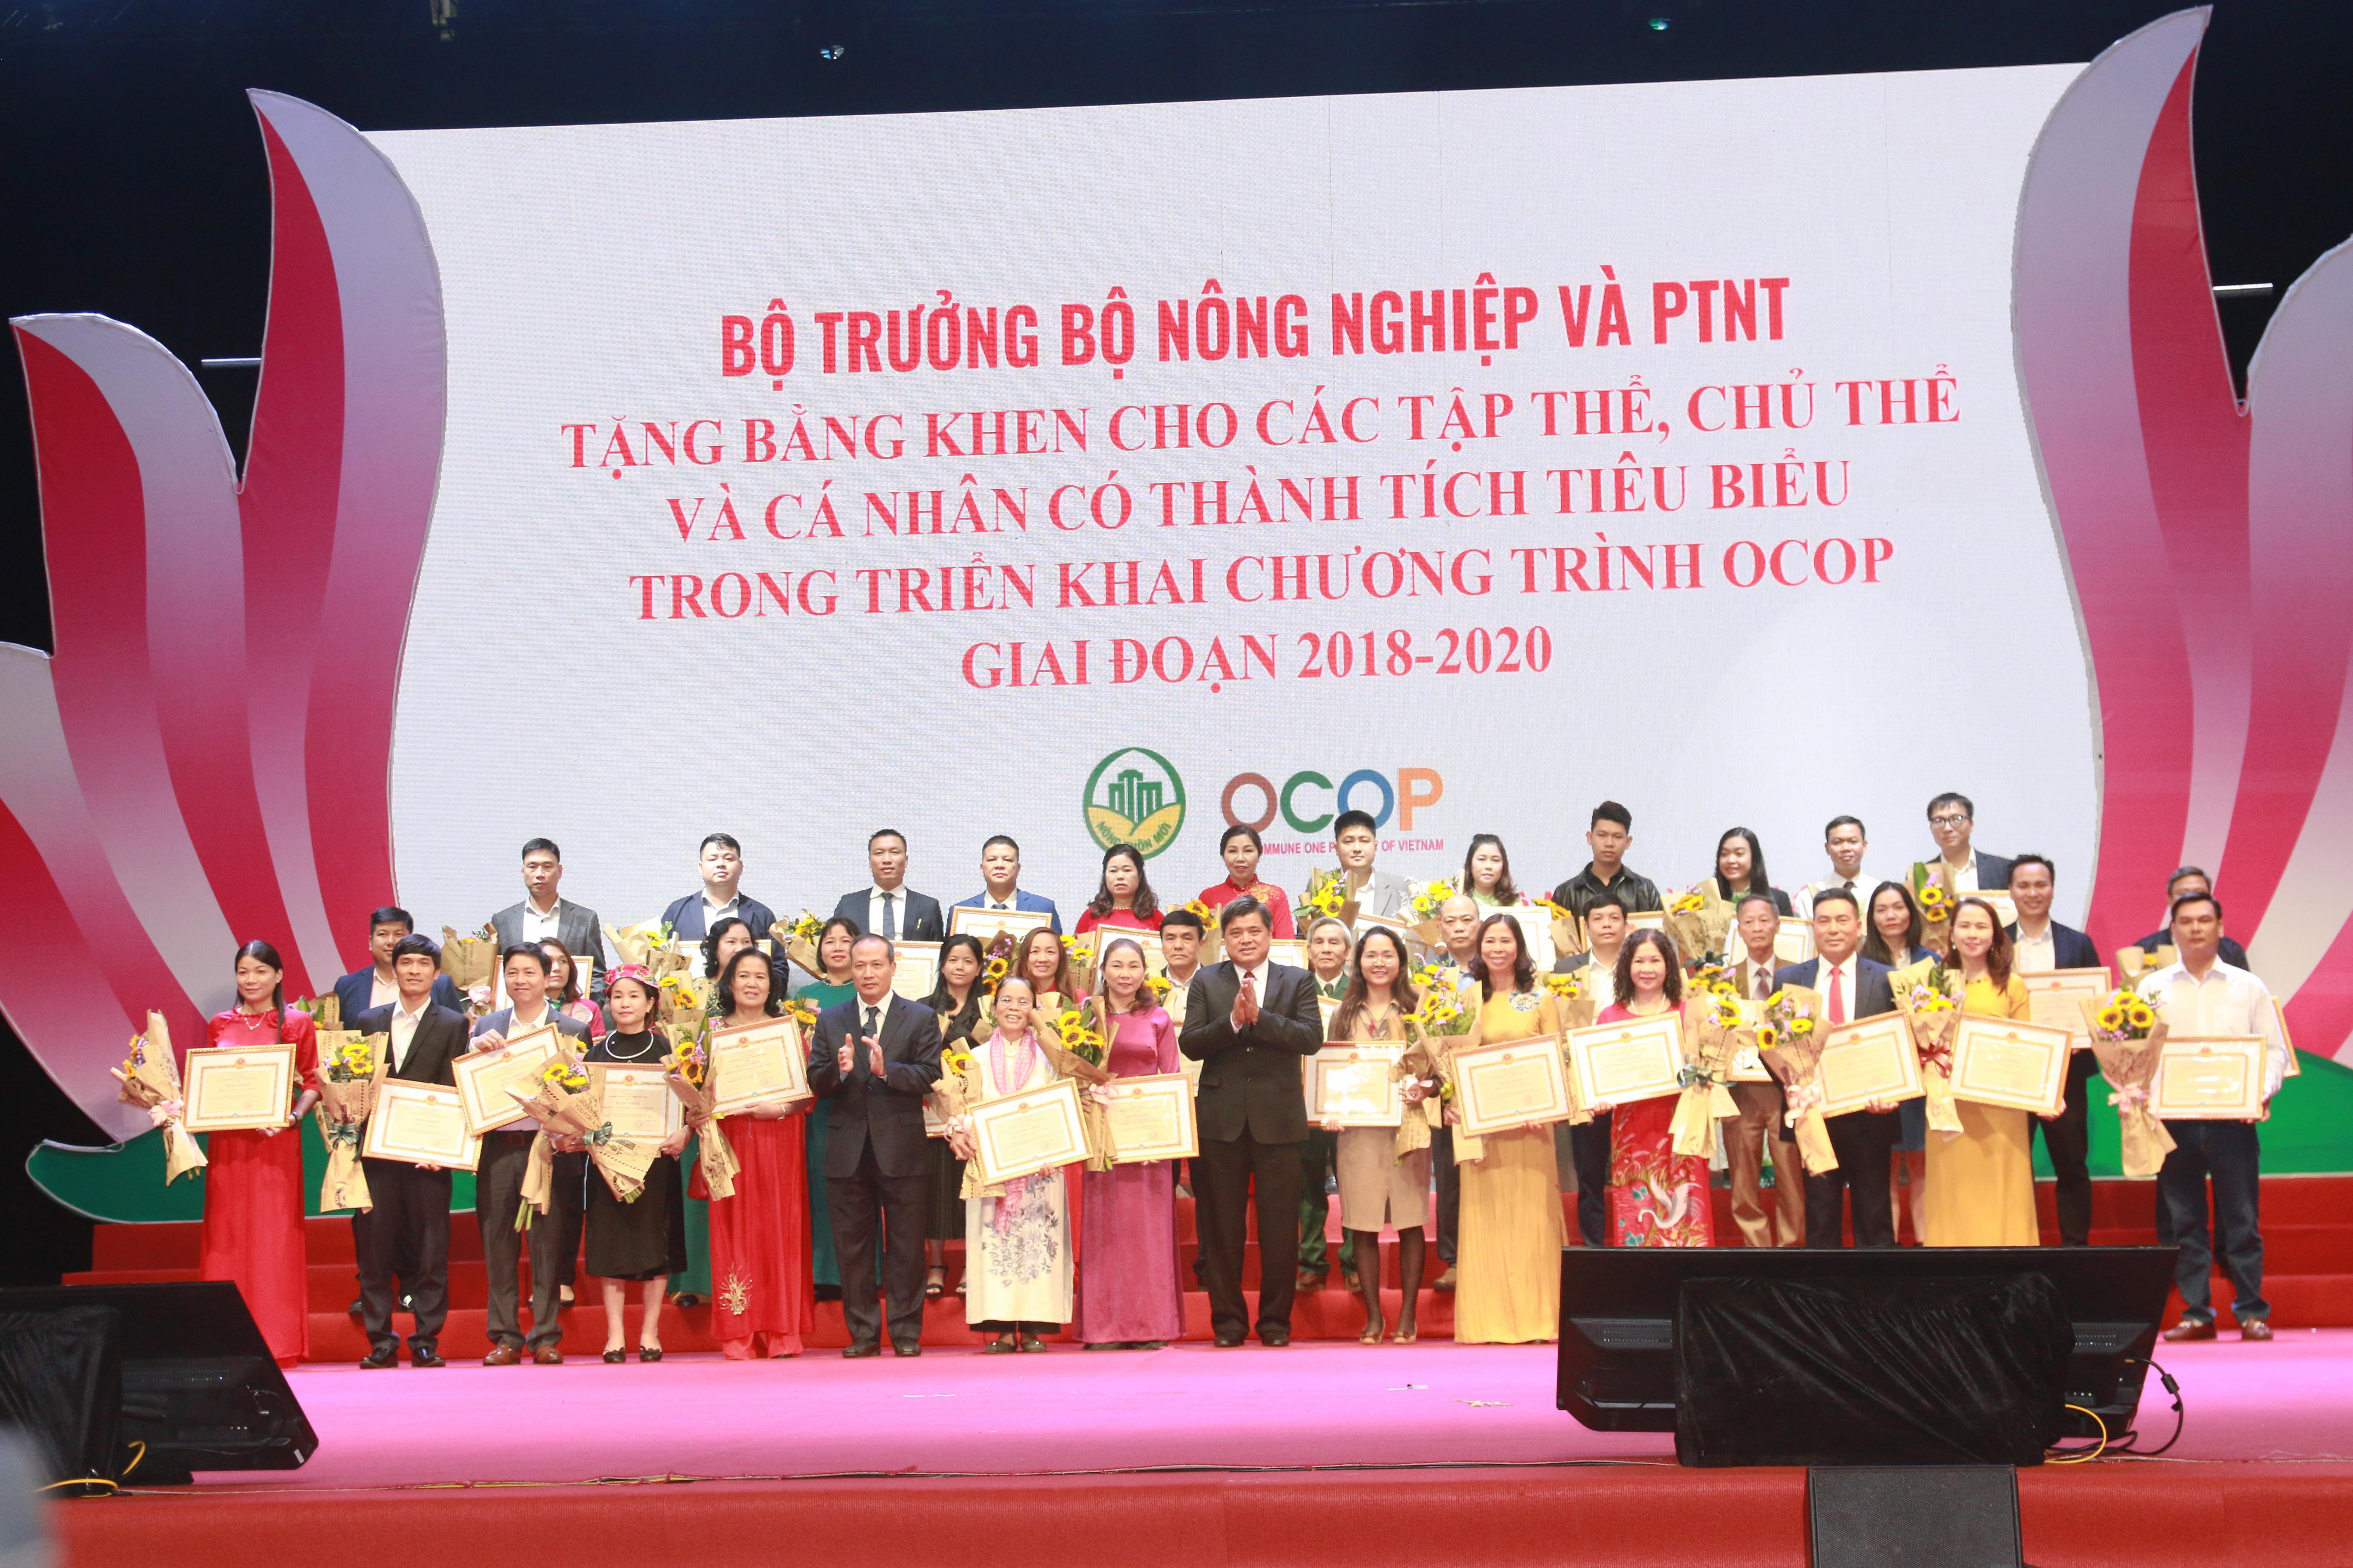 Các tập thể, cá nhân được nhận Bằng khen của Bộ trưởng Bộ Nông nghiệp và Phát triển nông thôn